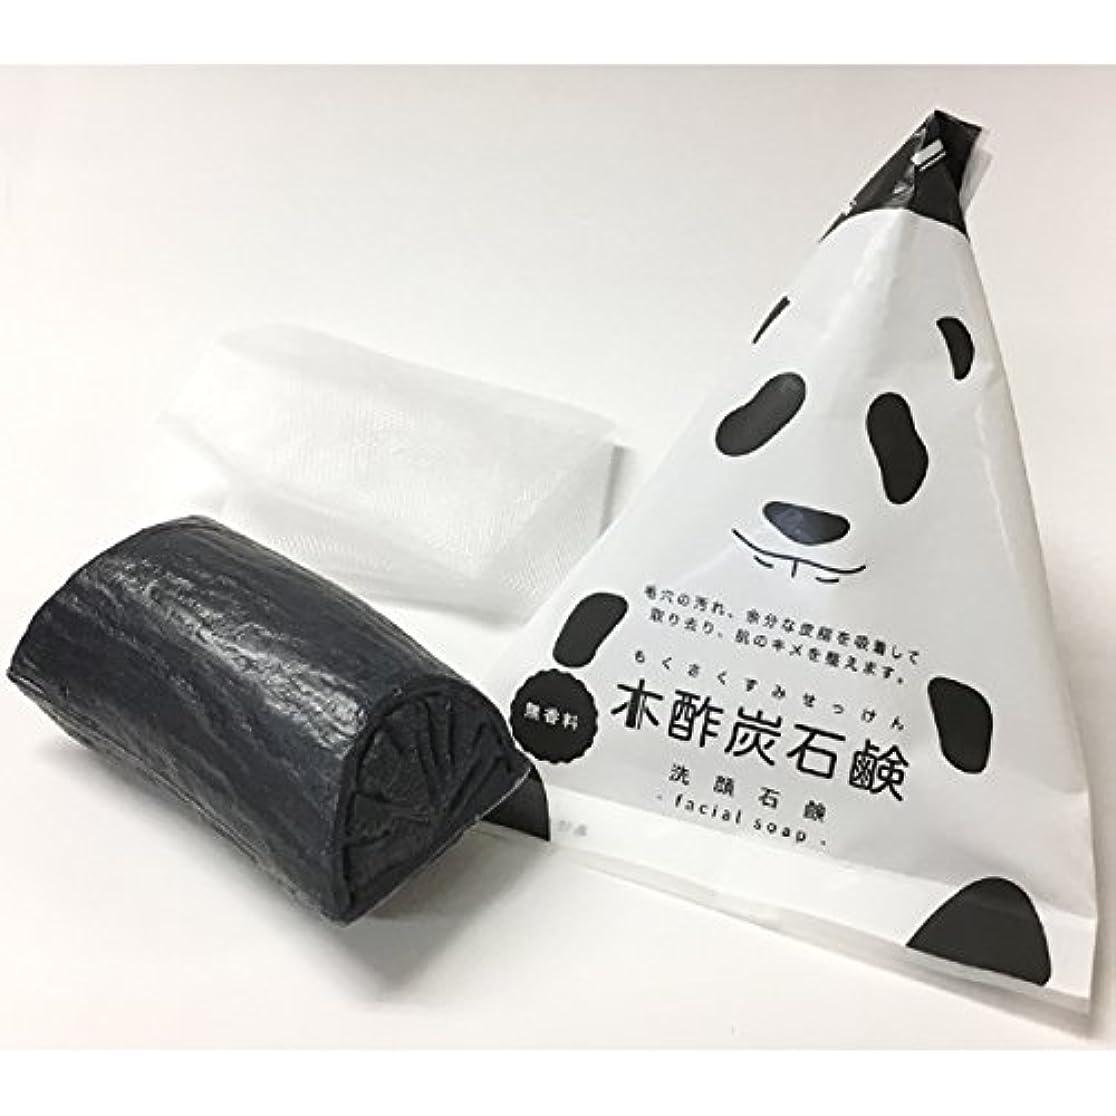 エラー大聖堂株式木酢炭泥棒石鹸120g(2個セット)